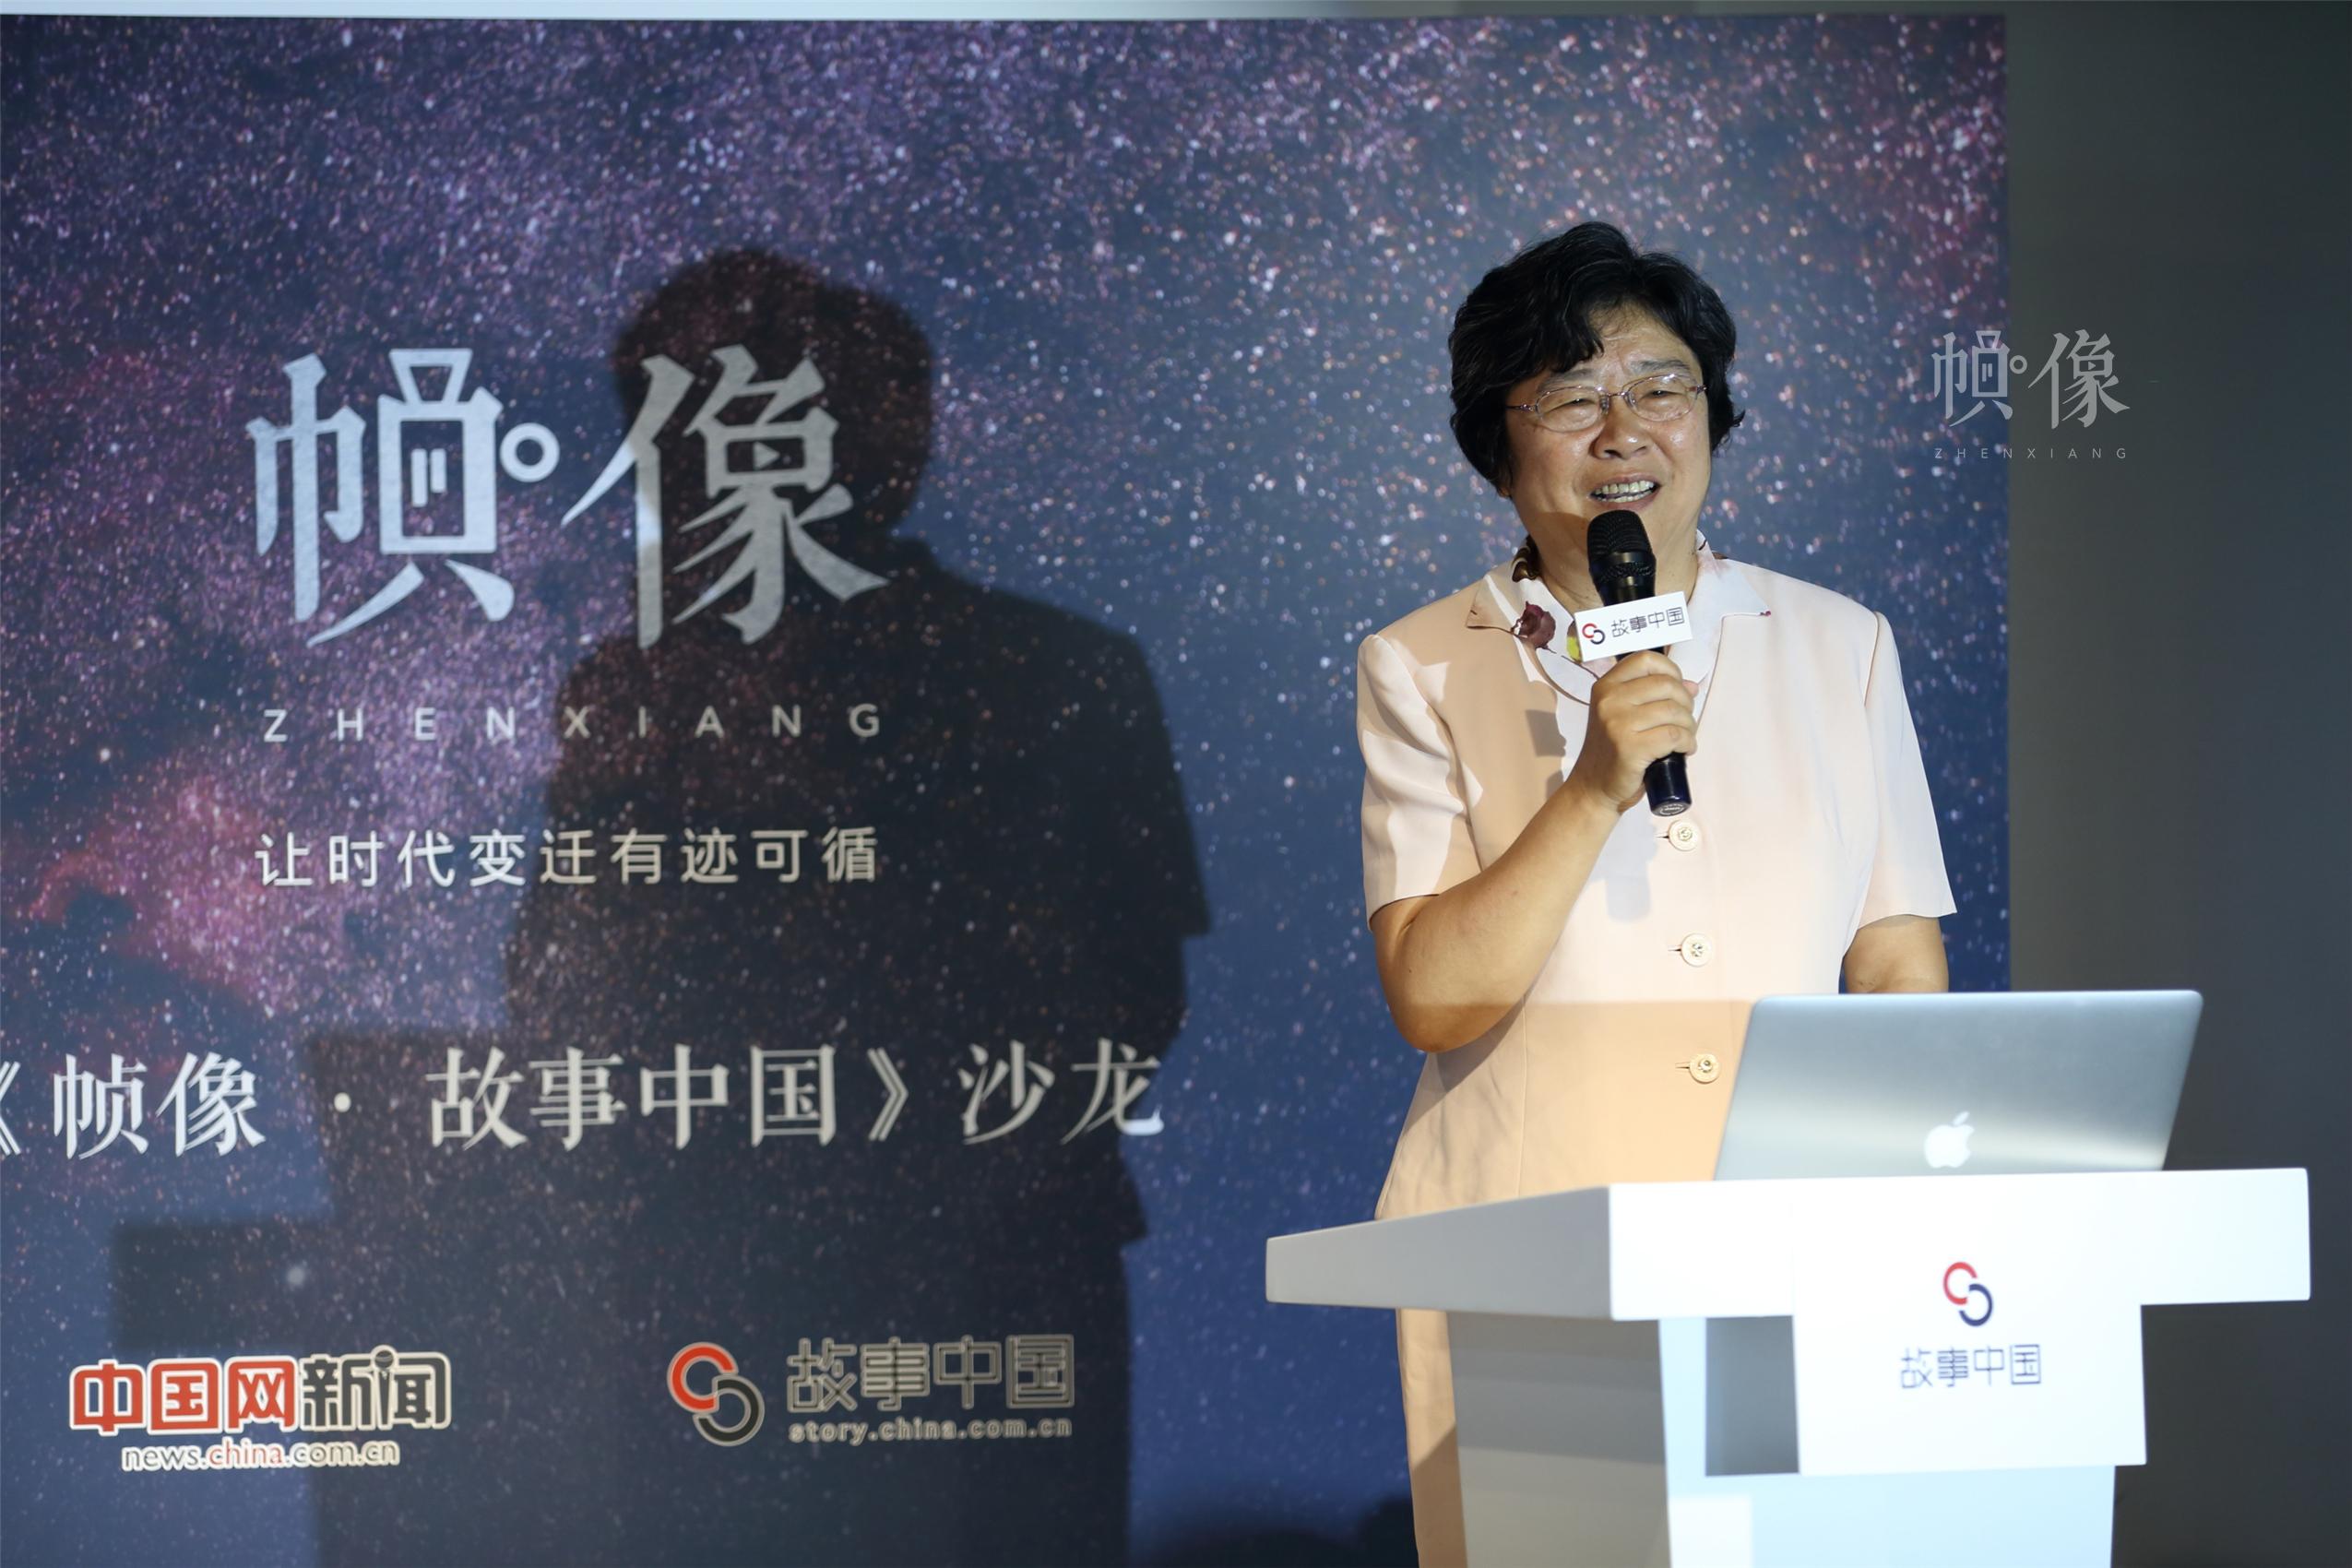 清华大学校务委员会副主任、原党委副书记韩景阳分享经历。中国网记者 陈维松 摄